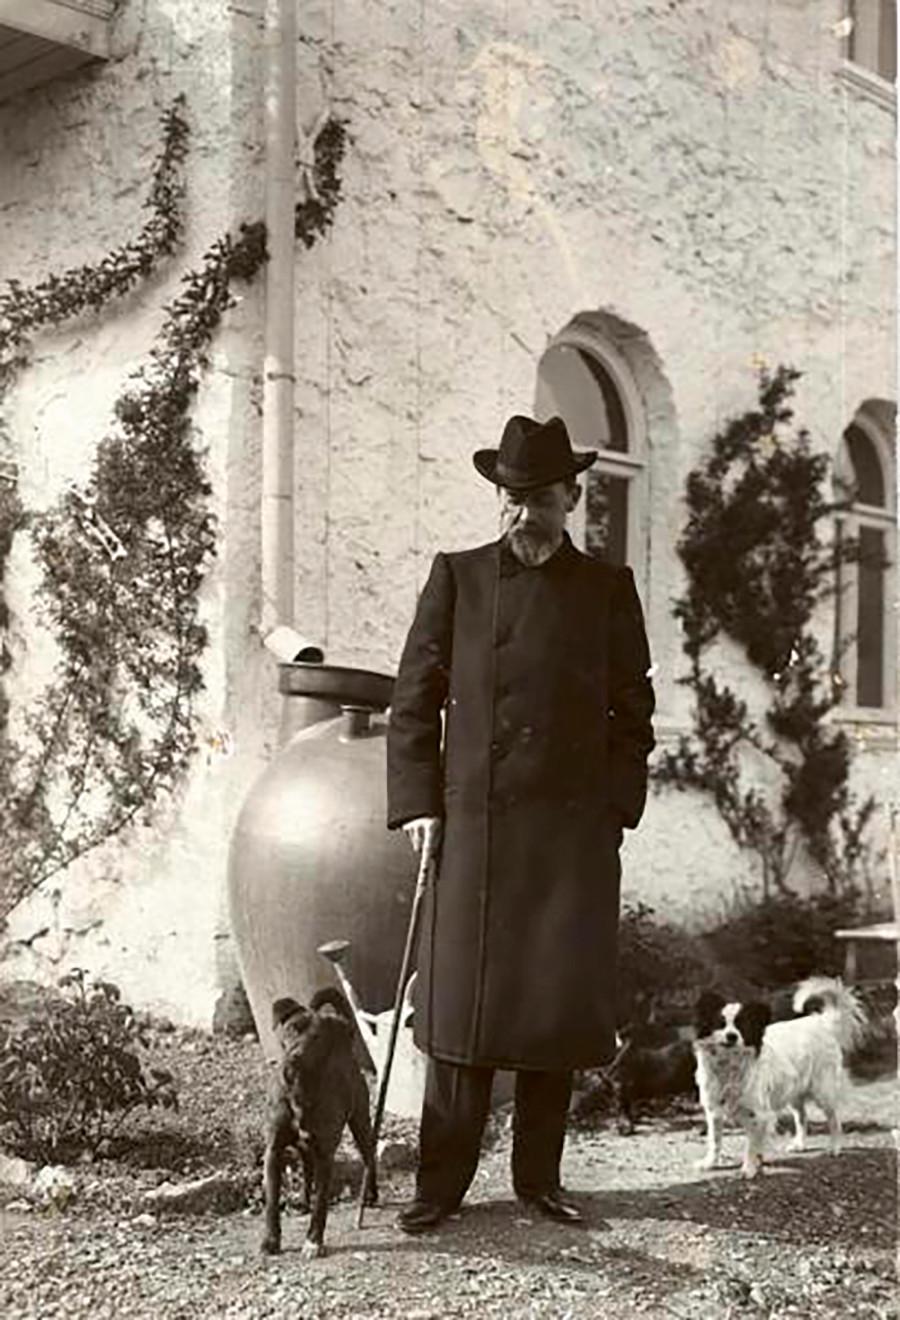 Le dramaturge Anton Tchekhov possédait une datcha en Crimée. Il se promène ici avec ses chiens, à Yalta, en 1903.